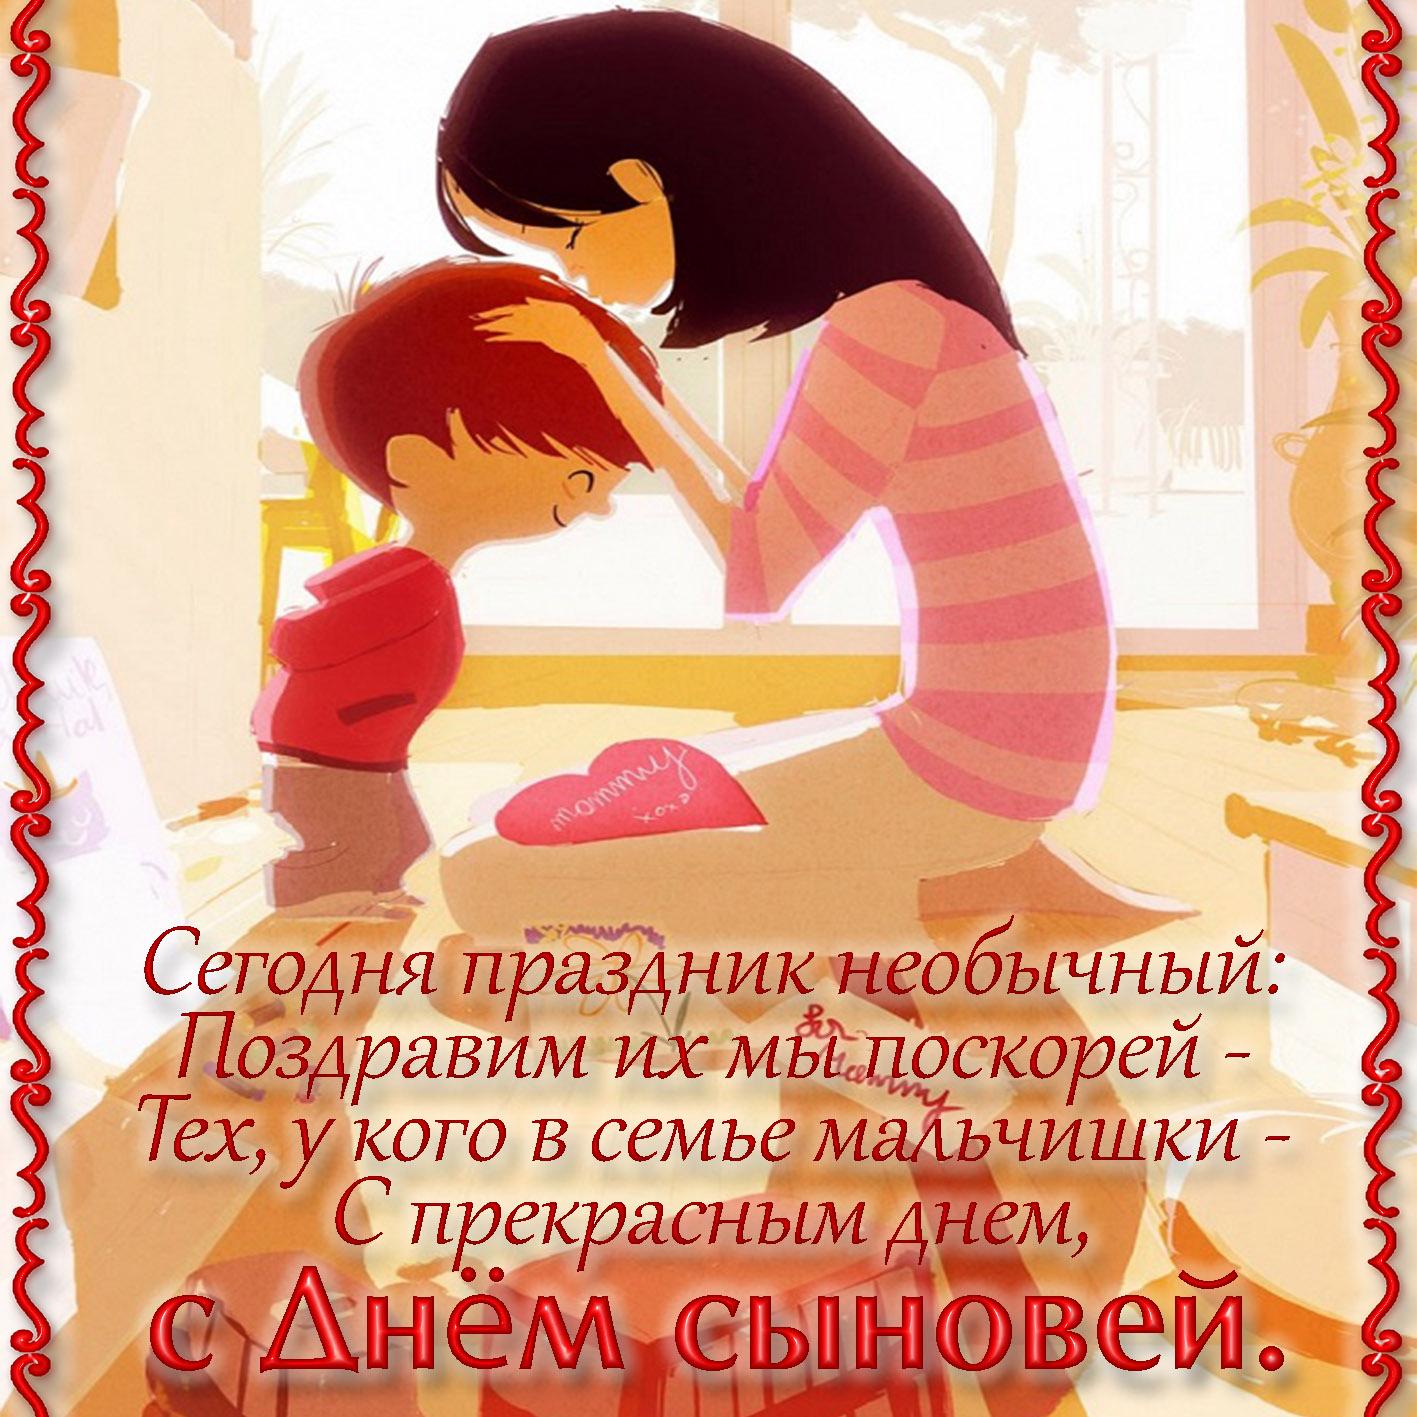 Кавказ, поздравления с днем сыновей открытки поздравления с днем сыновей открытки